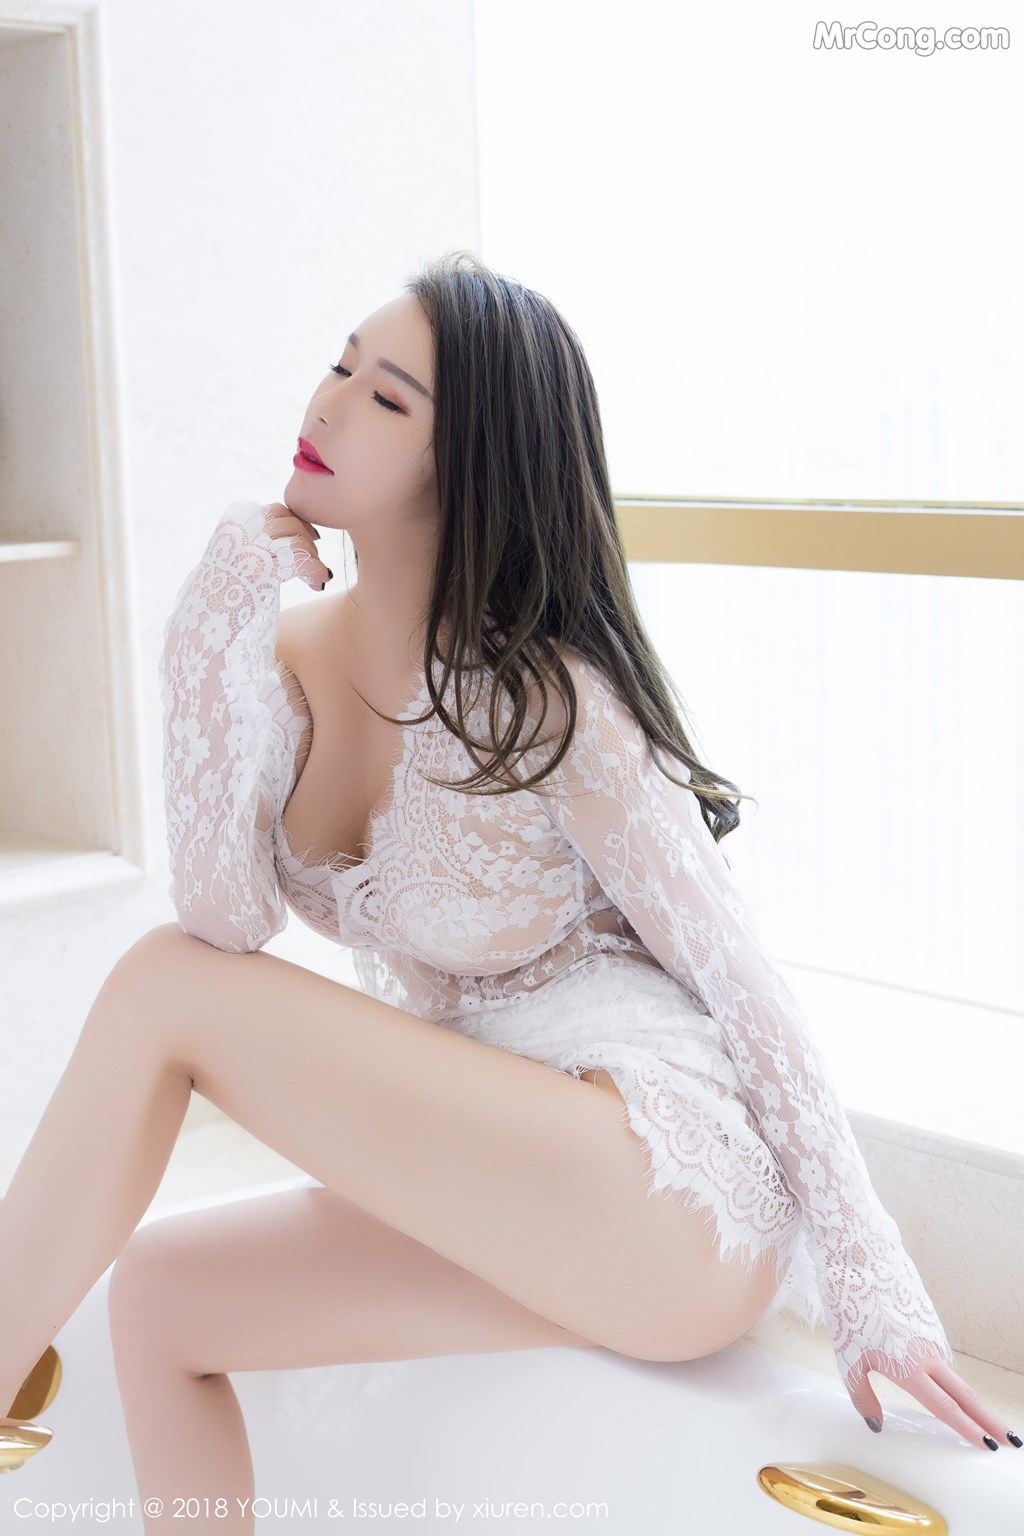 Image YouMi-Vol.113-Egg-MrCong.com-008 in post YouMi Vol.113: Người mẫu Egg-尤妮丝 (42 ảnh)